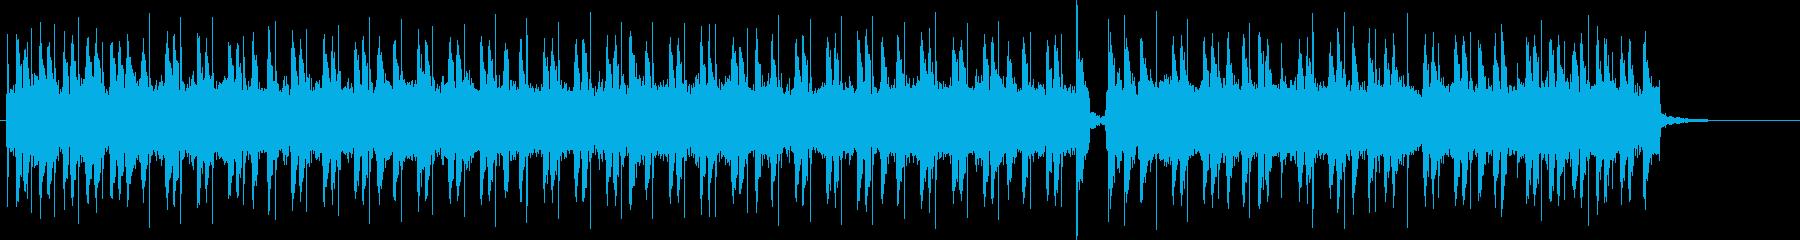 疾走感あるアメリカンポップパンクの再生済みの波形